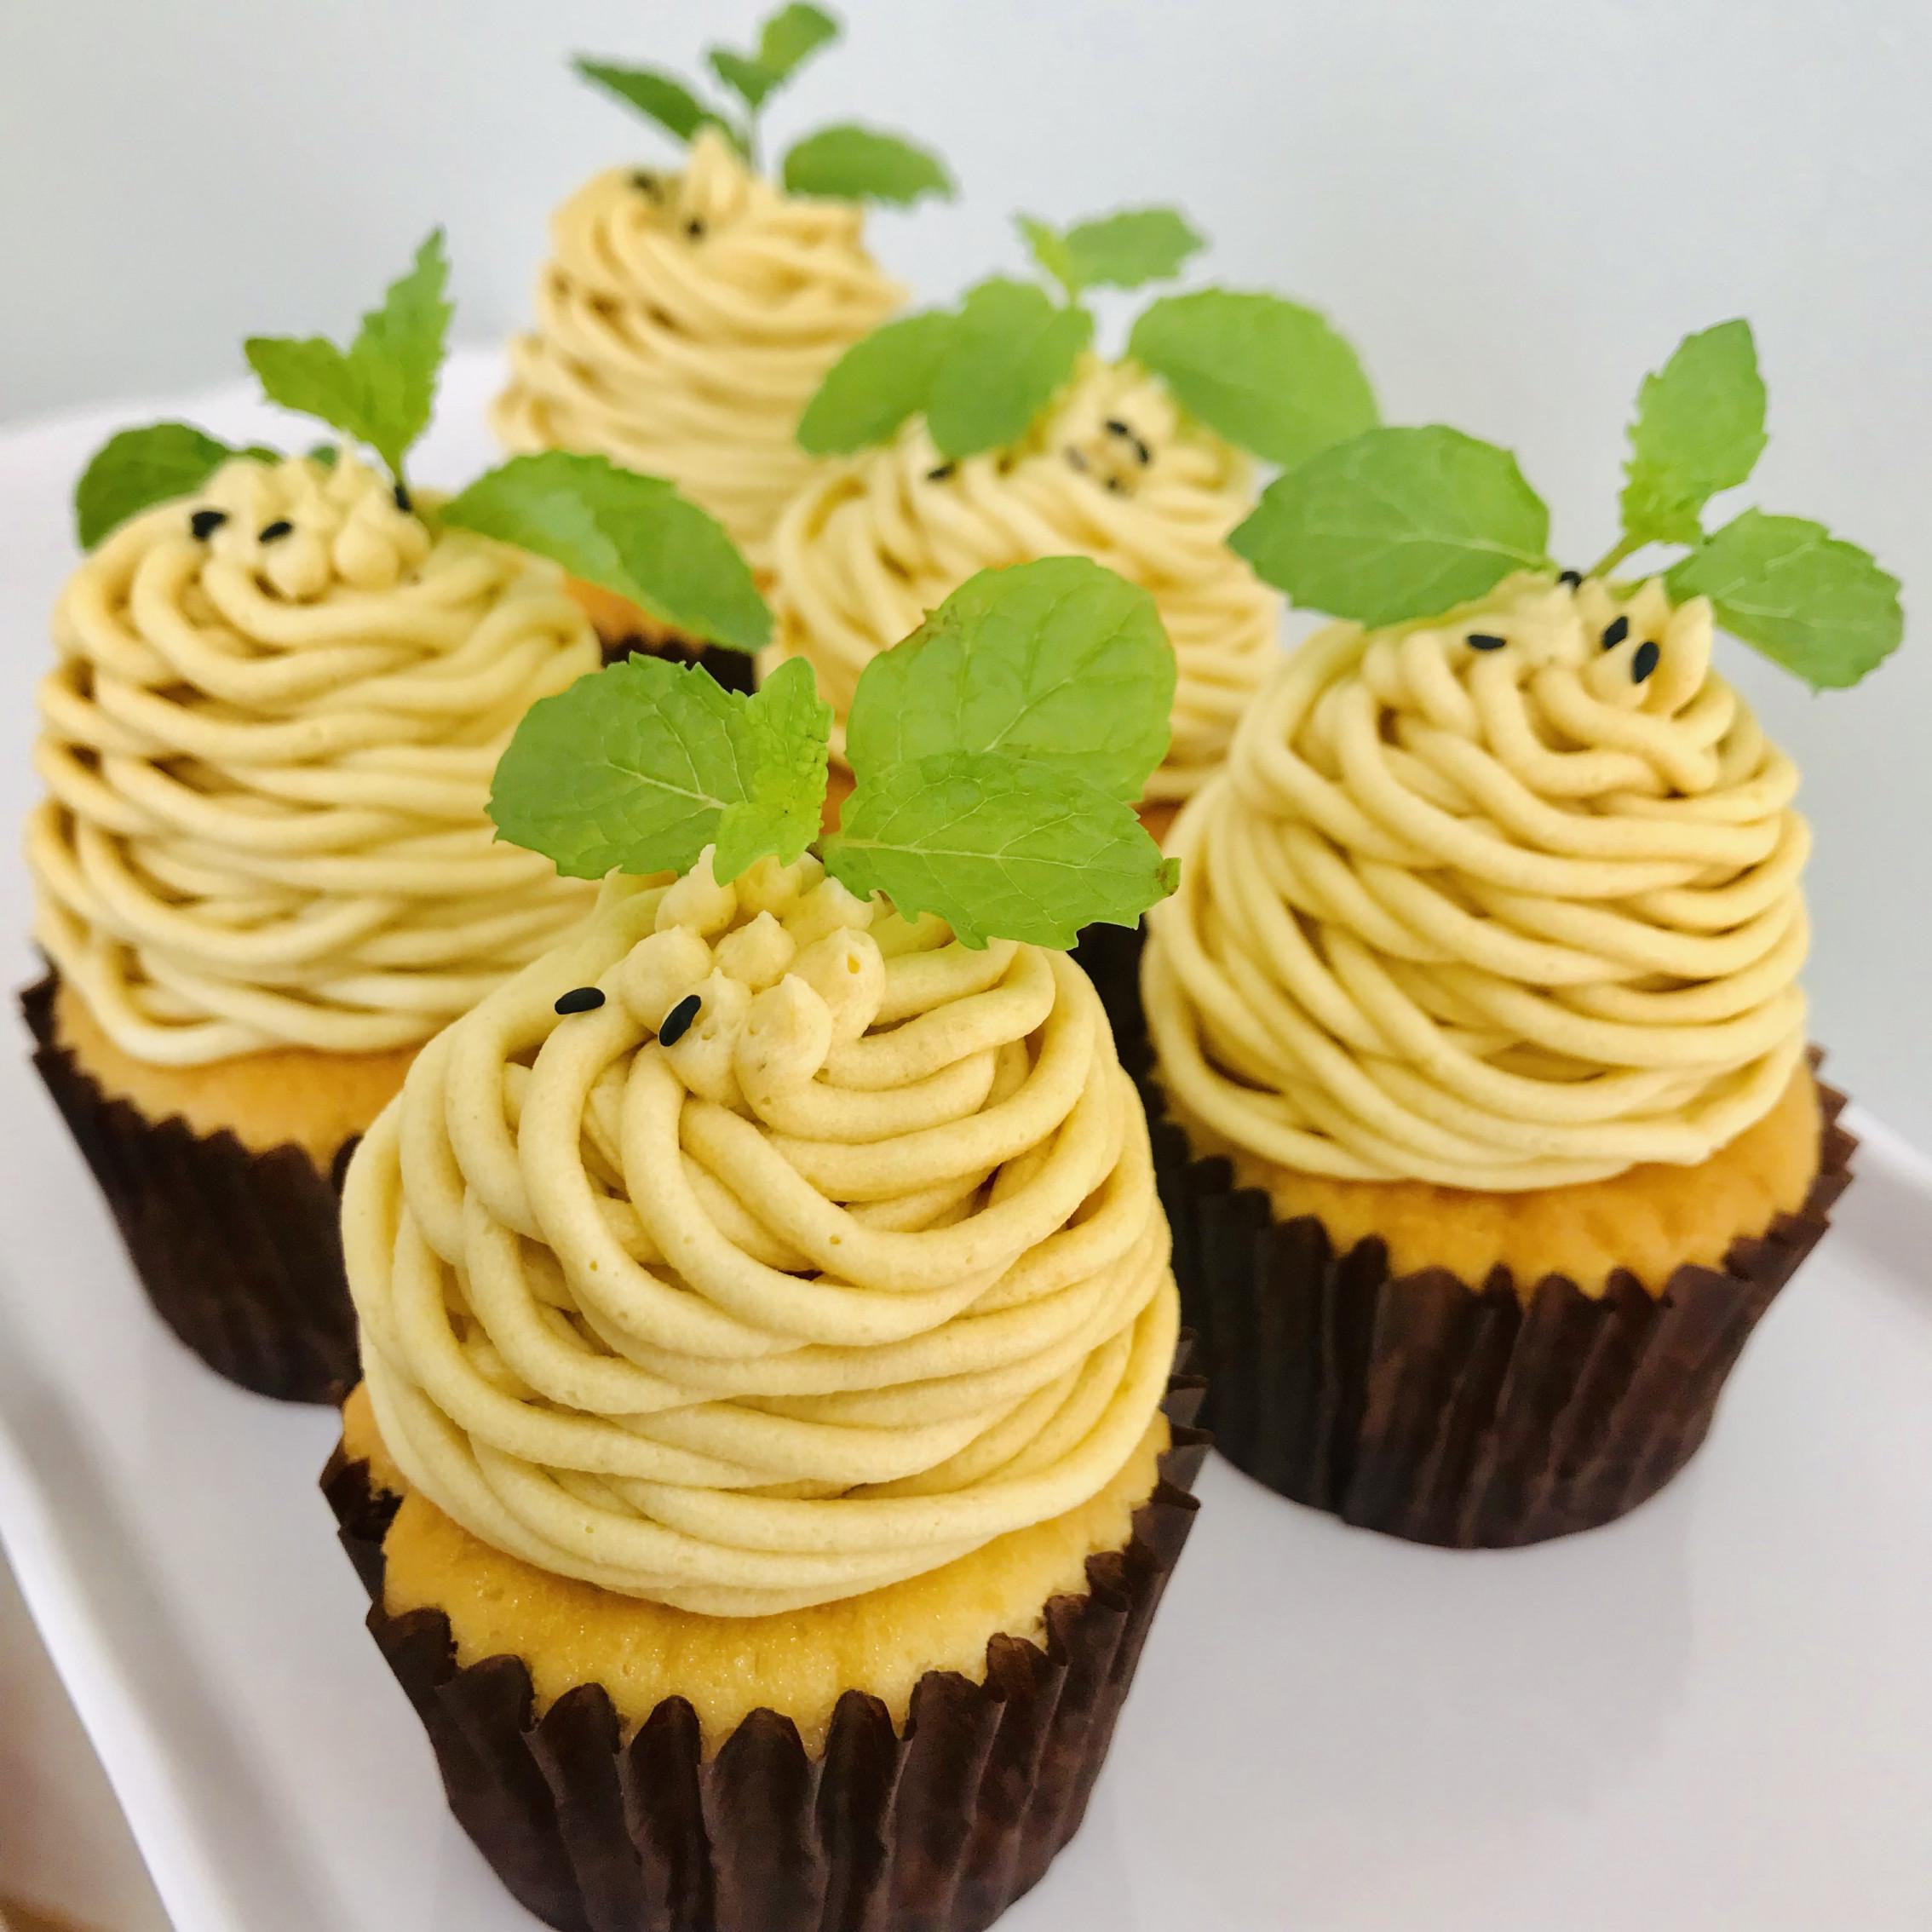 安納芋とメープルのモンブランです☺︎ 安納芋とメープルの風味がとても合うカップケーキです‼︎>